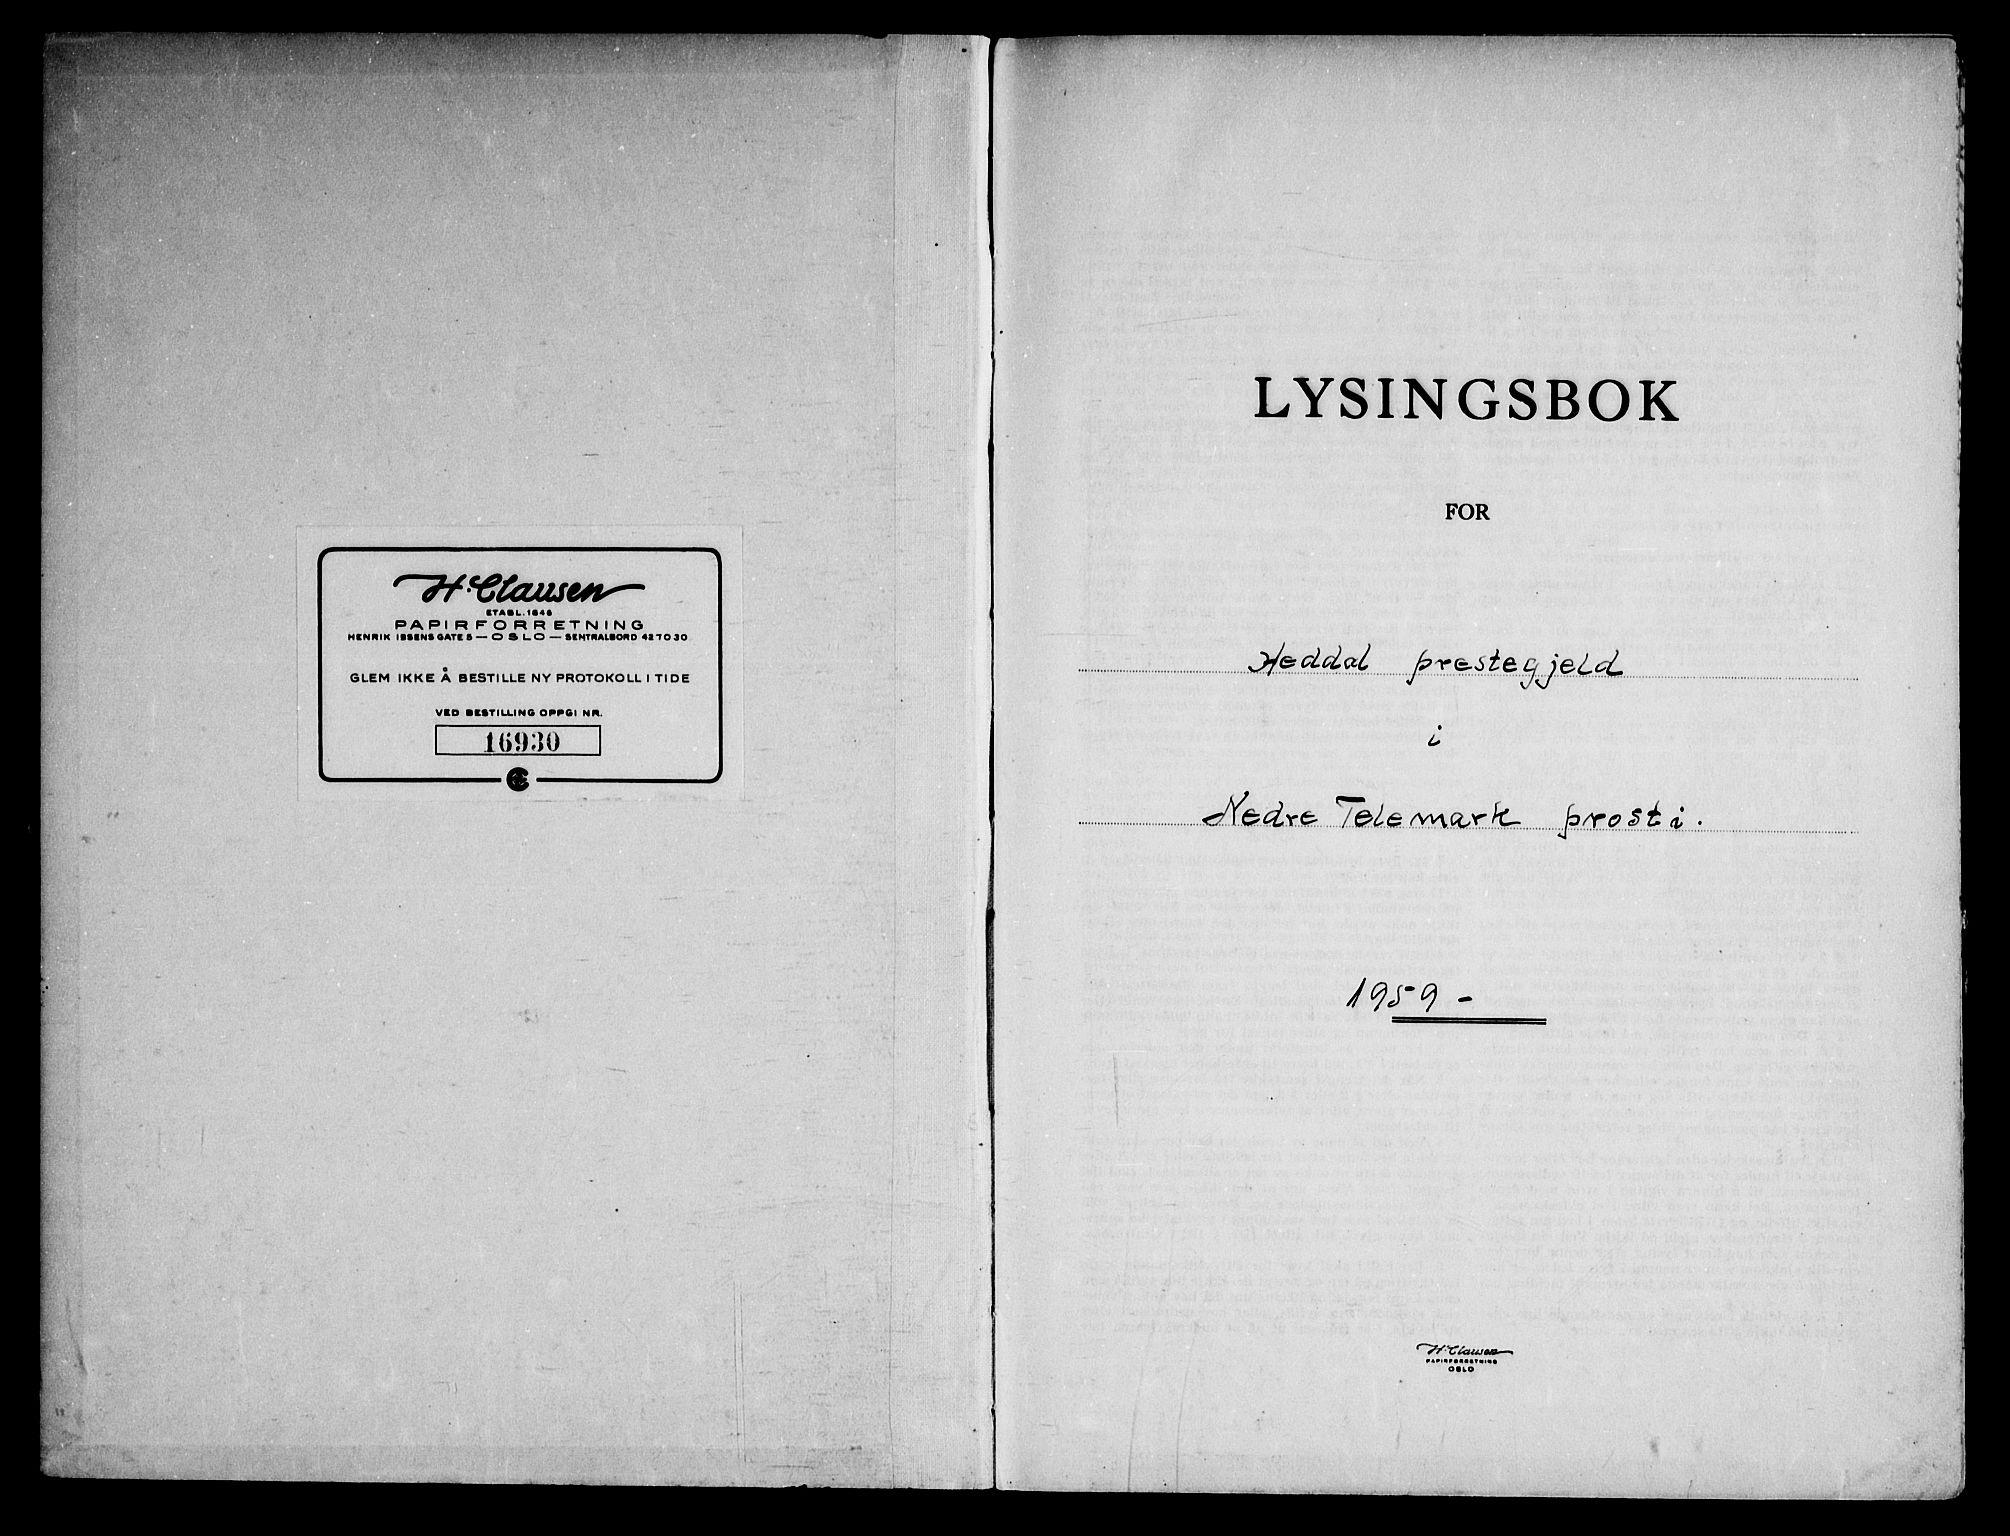 SAKO, Heddal kirkebøker, H/Ha/L0003: Lysningsprotokoll nr. 3, 1959-1969